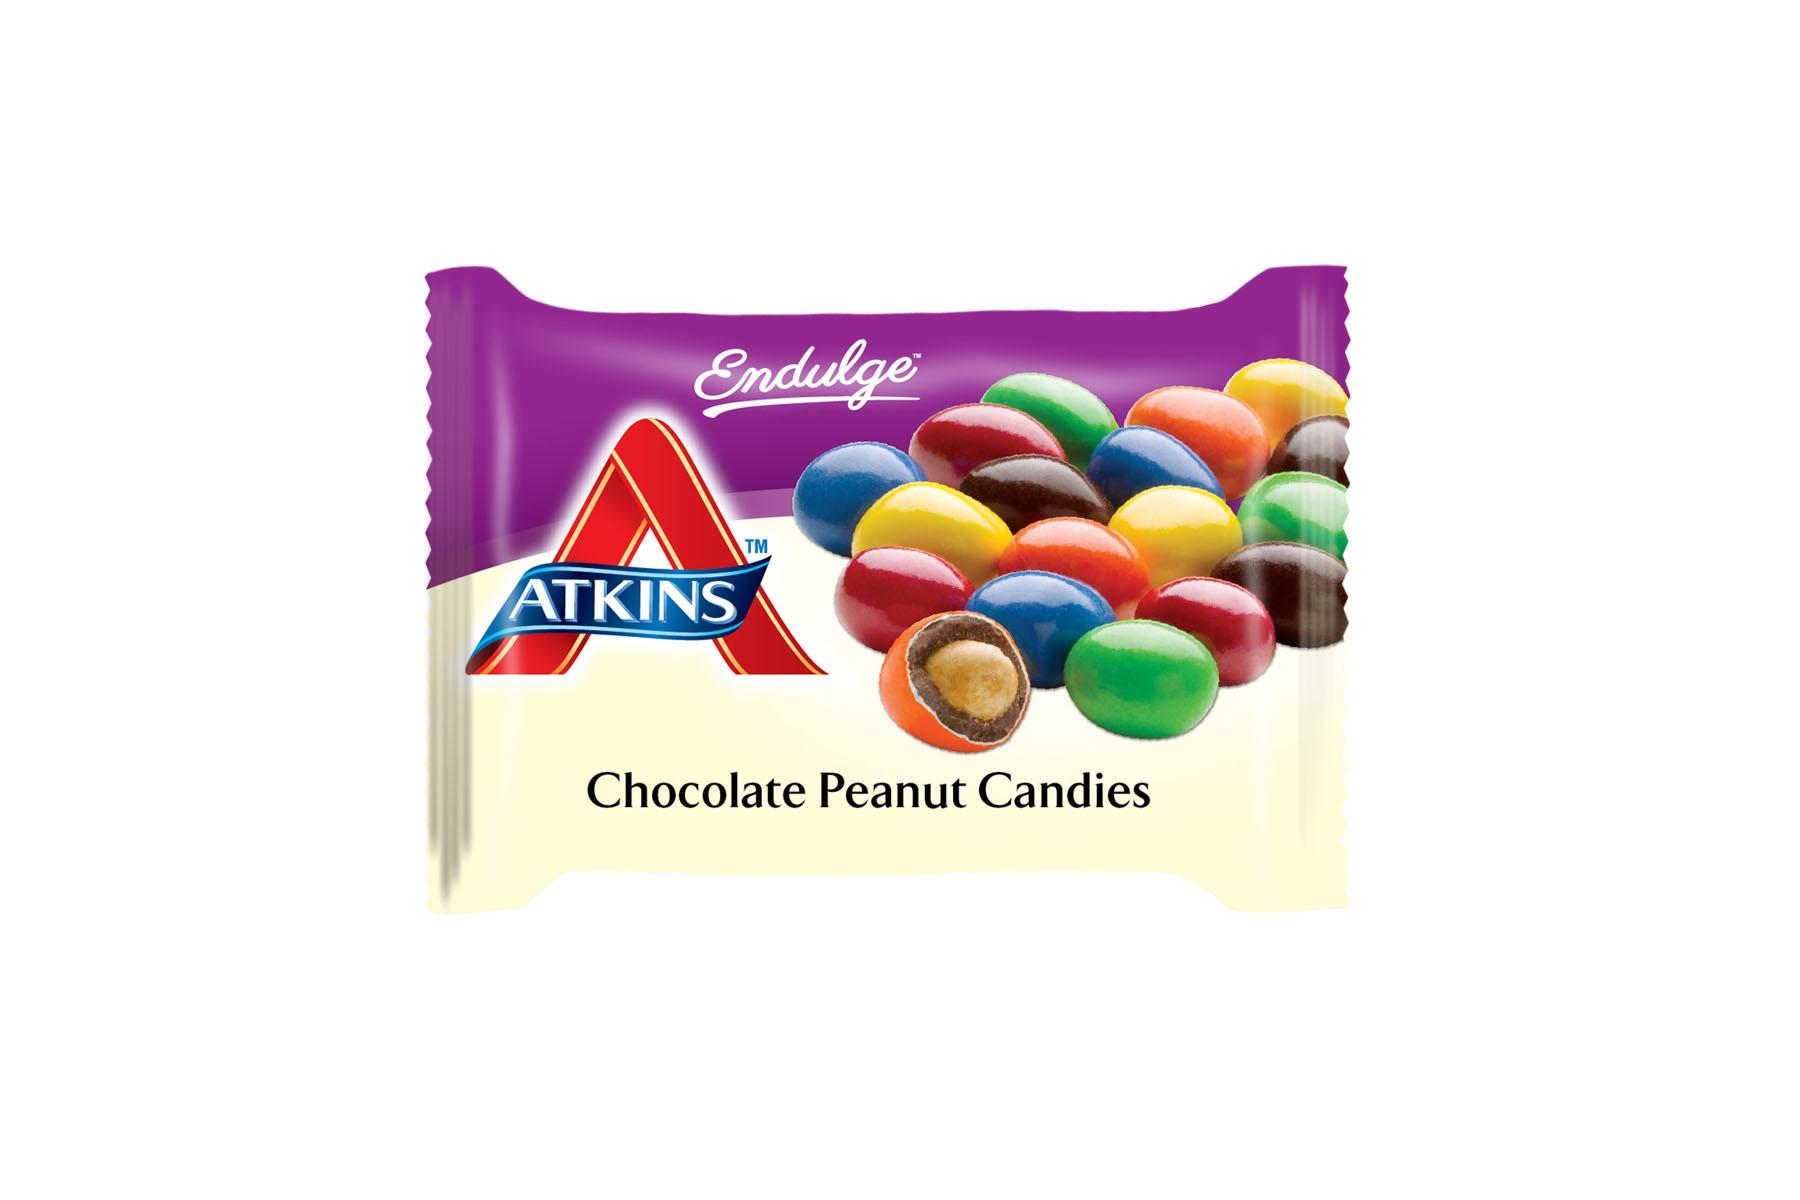 Endulge Peanut Candies